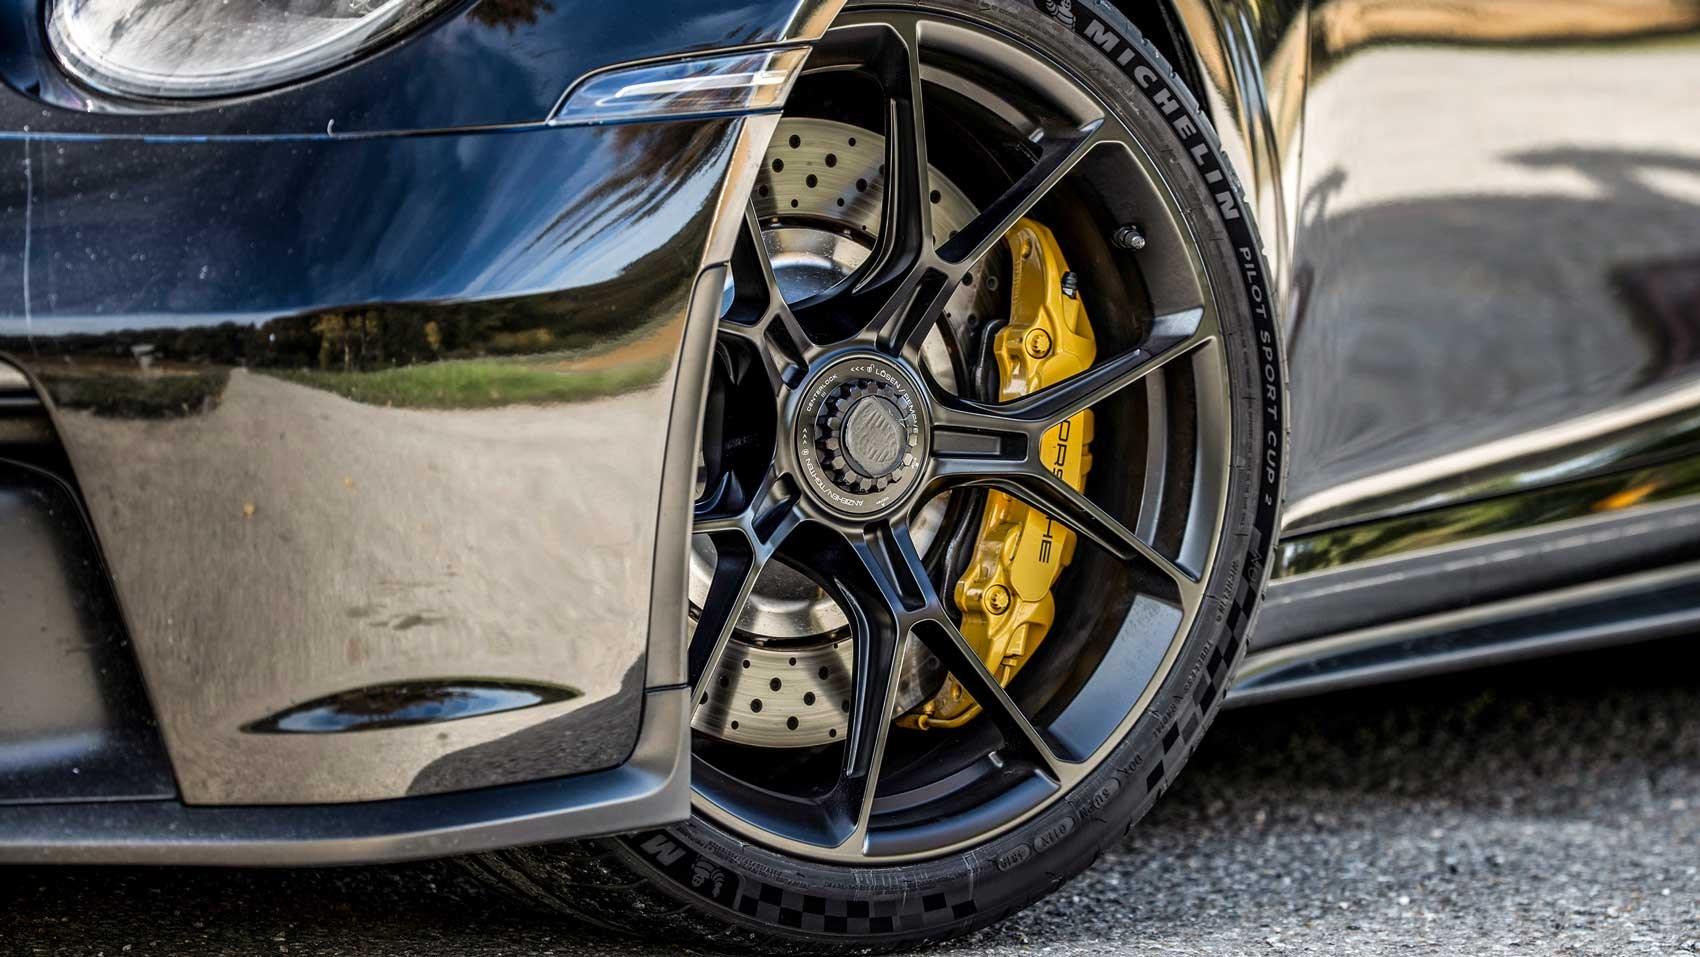 911 gt3 wheel